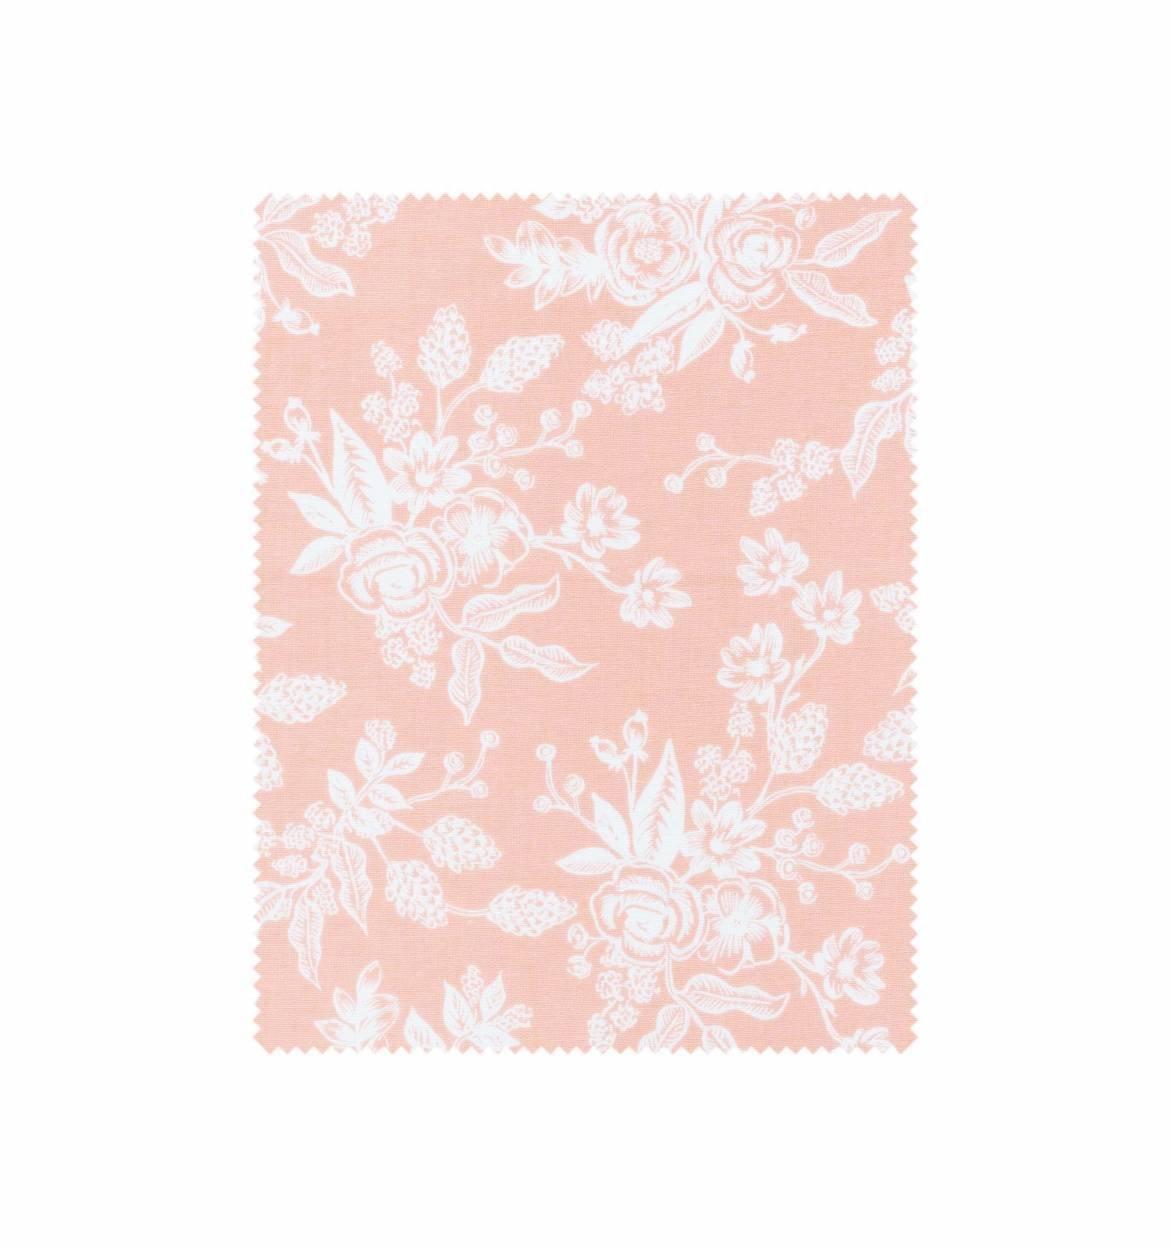 Floral Toile Peach